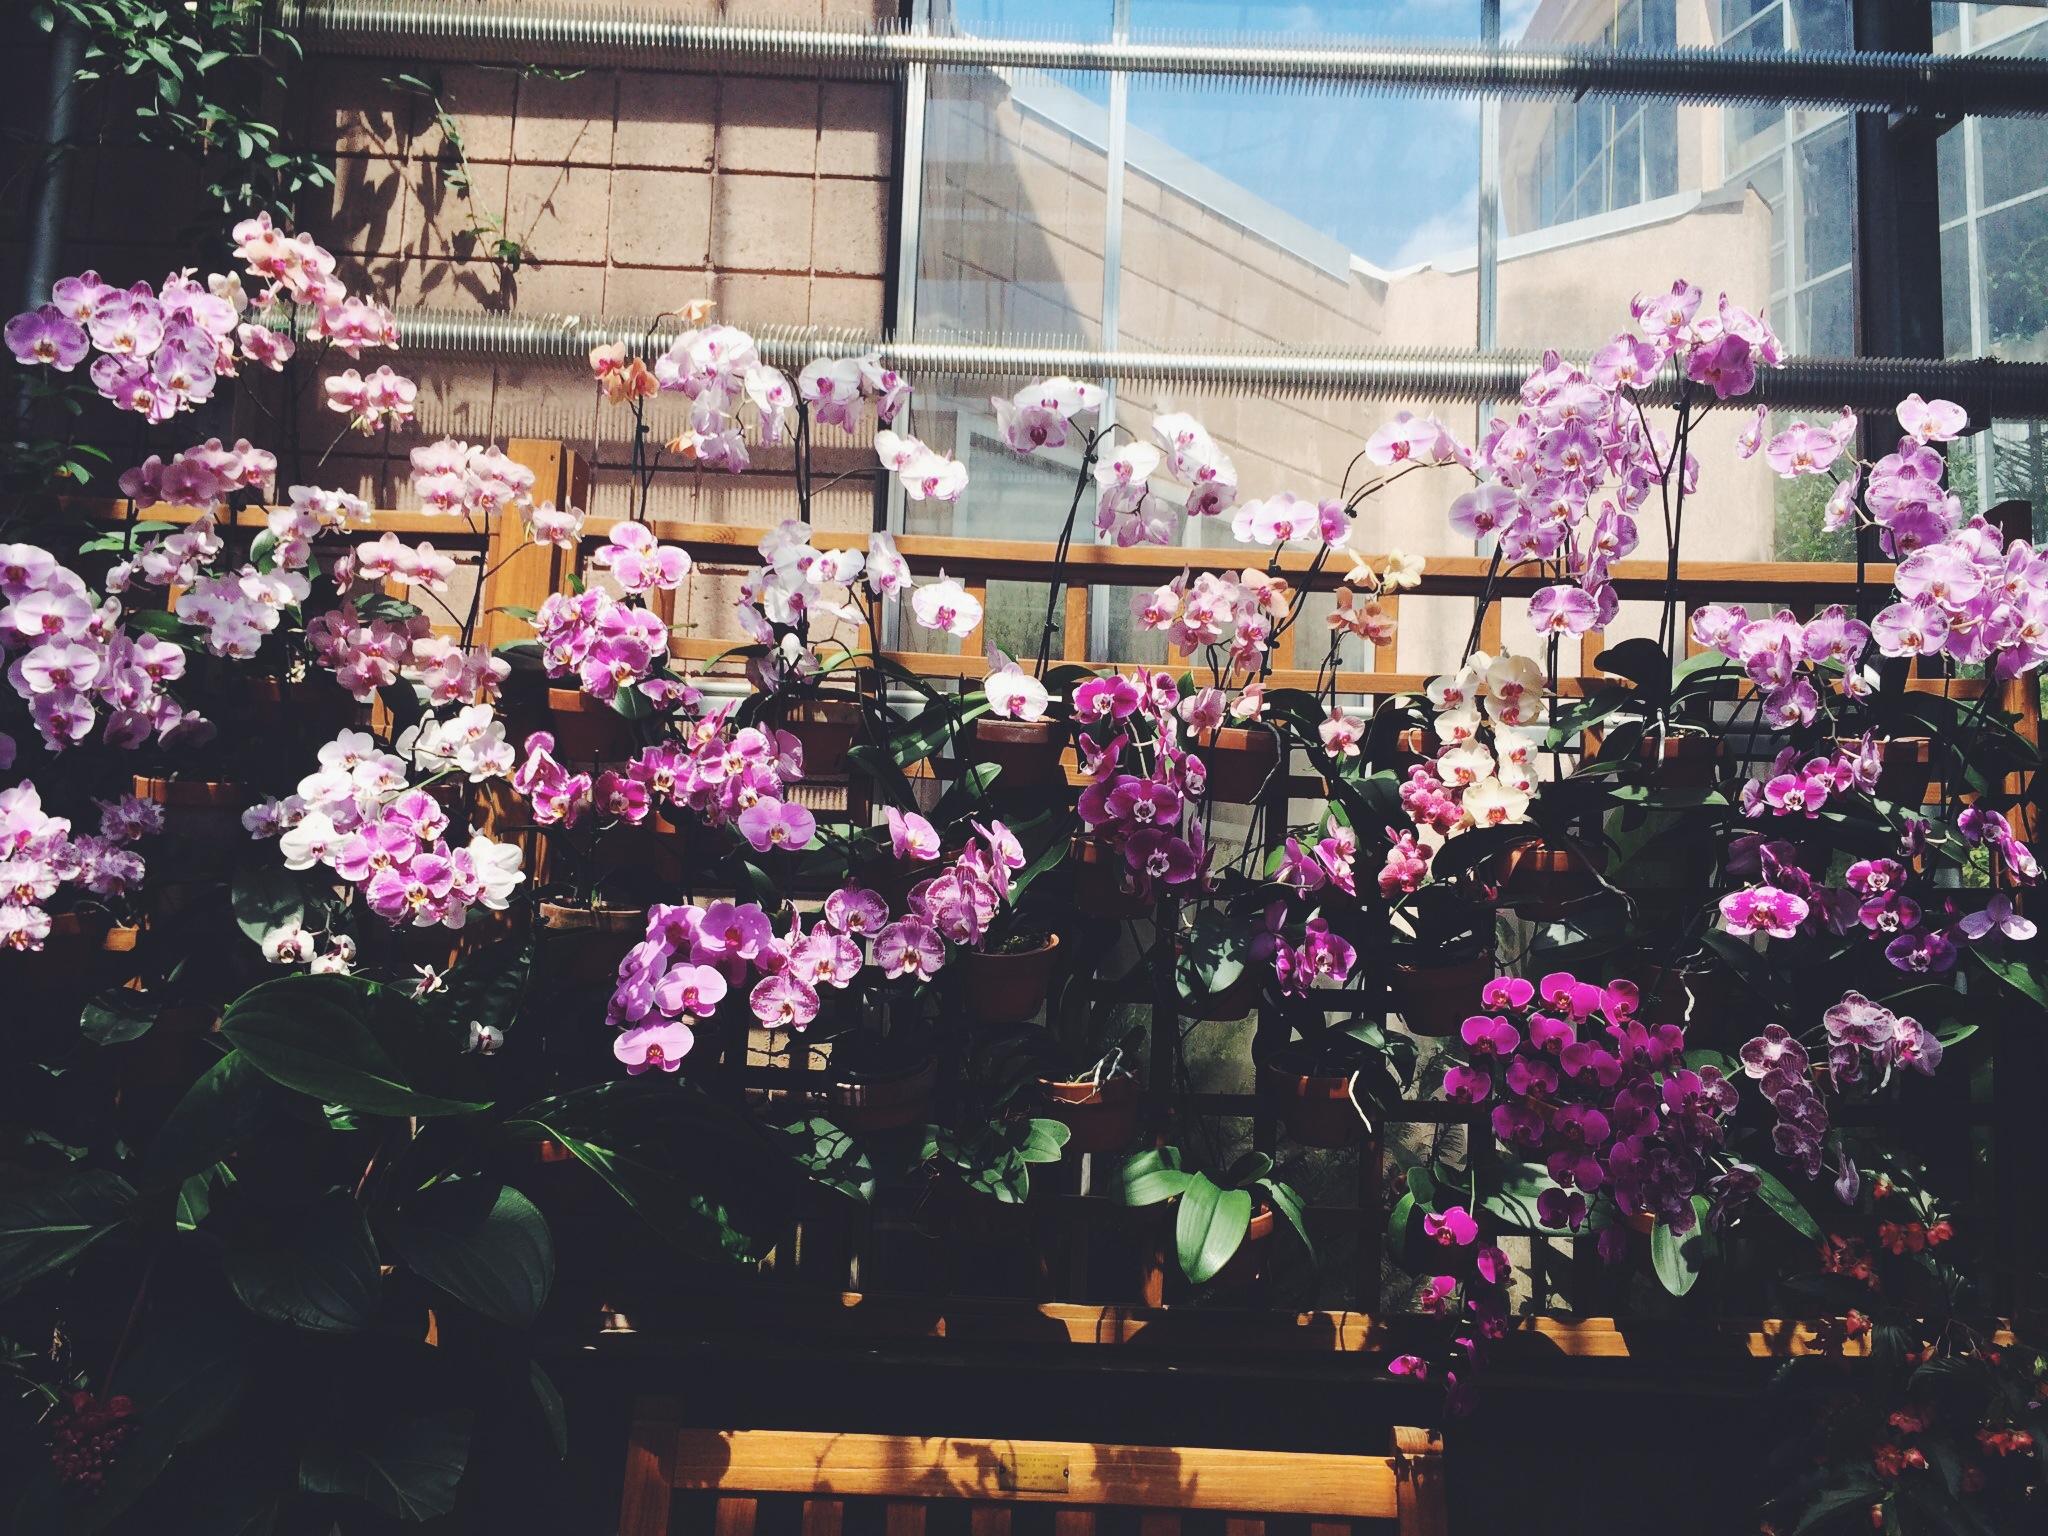 Orchids at the Atlanta Botanical Gardens.